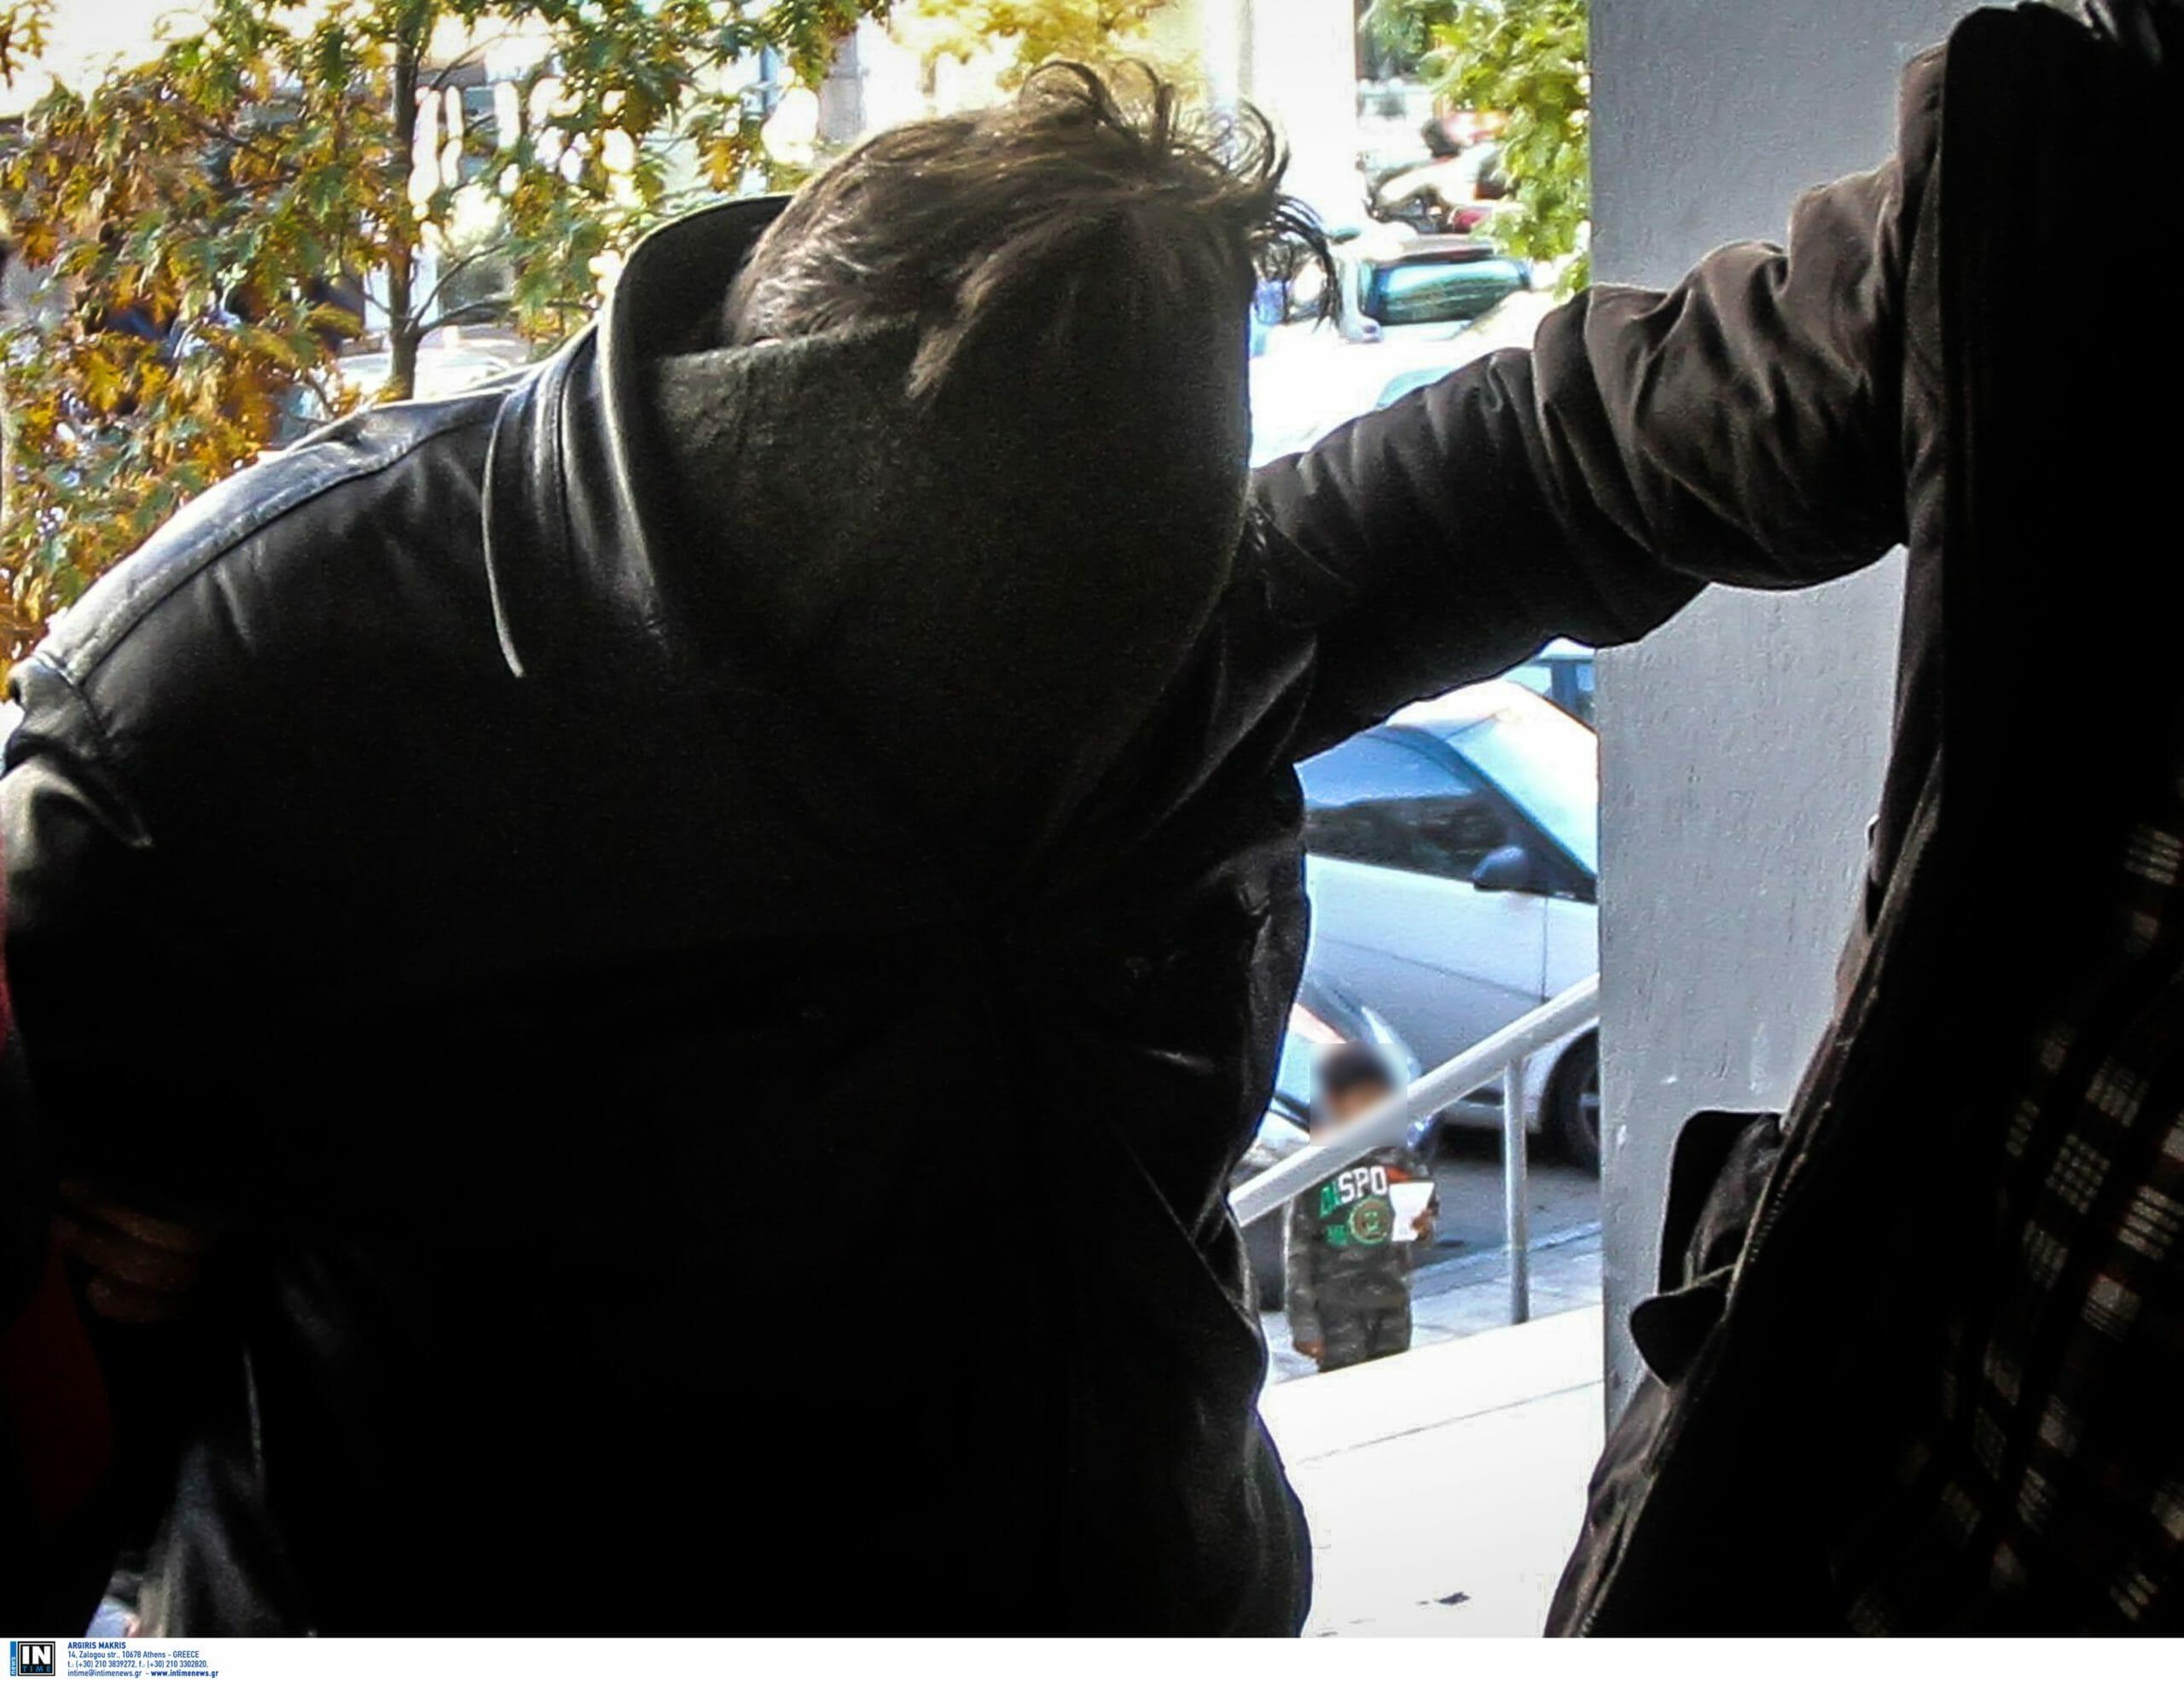 Ρόδος: Οκταετής κάθειρξη για ασέλγεια σε 14χρονο – Βιντεοσκοπούσε και τις πράξεις